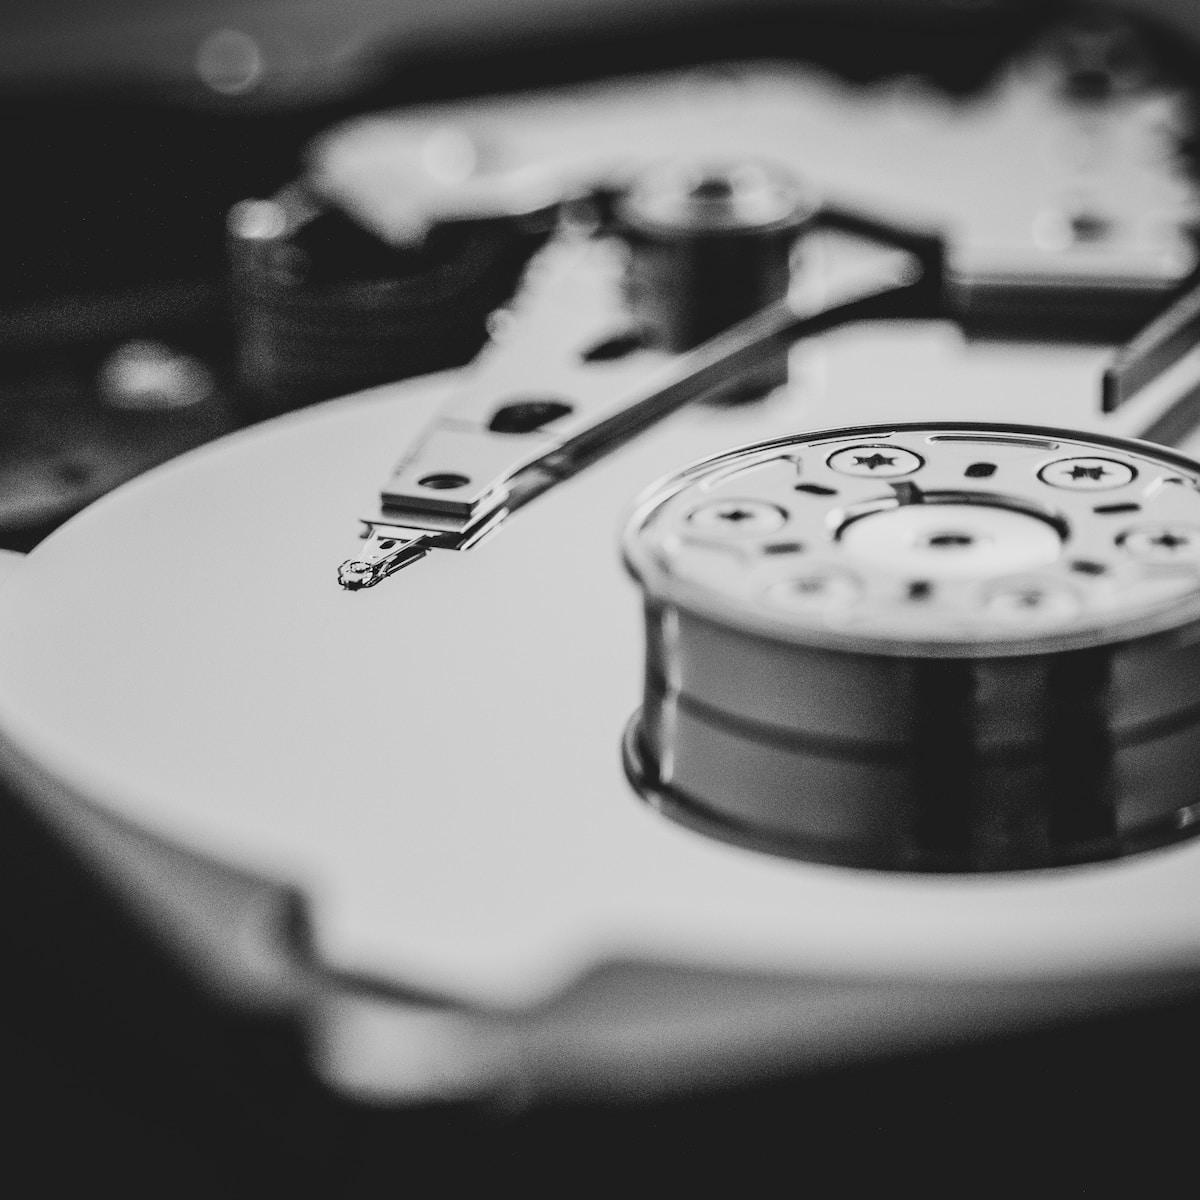 ssd criptomonedas escasez de discos duros